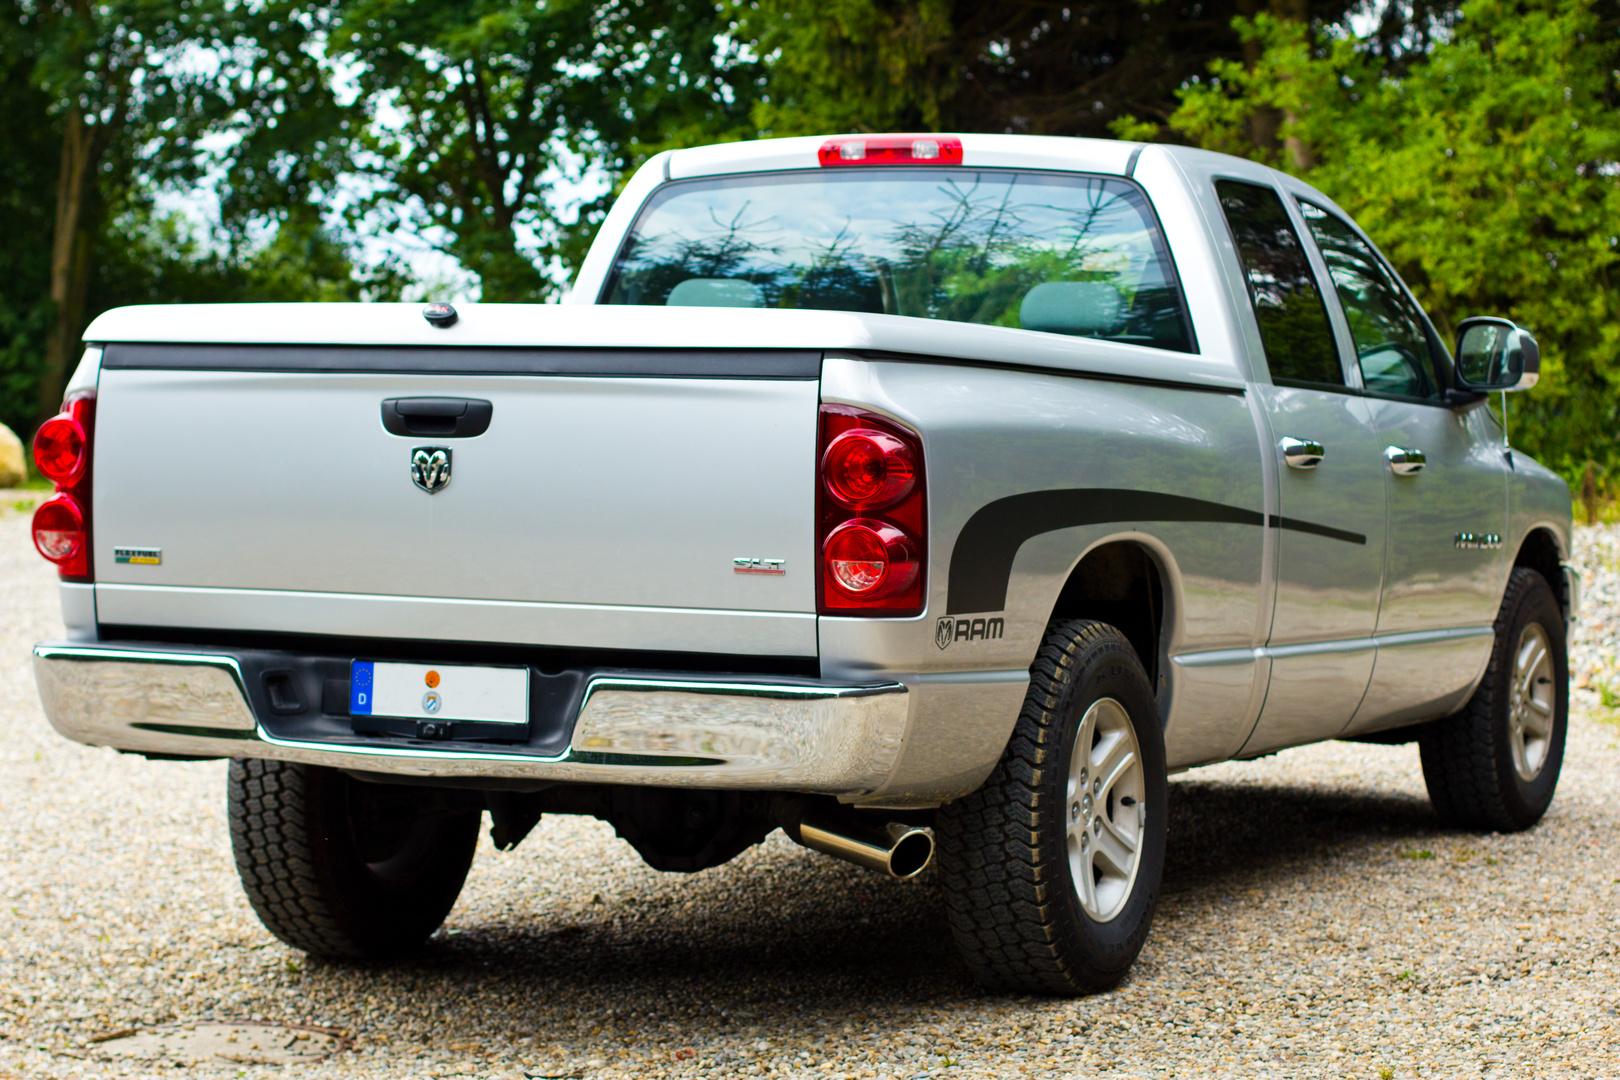 Dodge Ram 2007er Modell